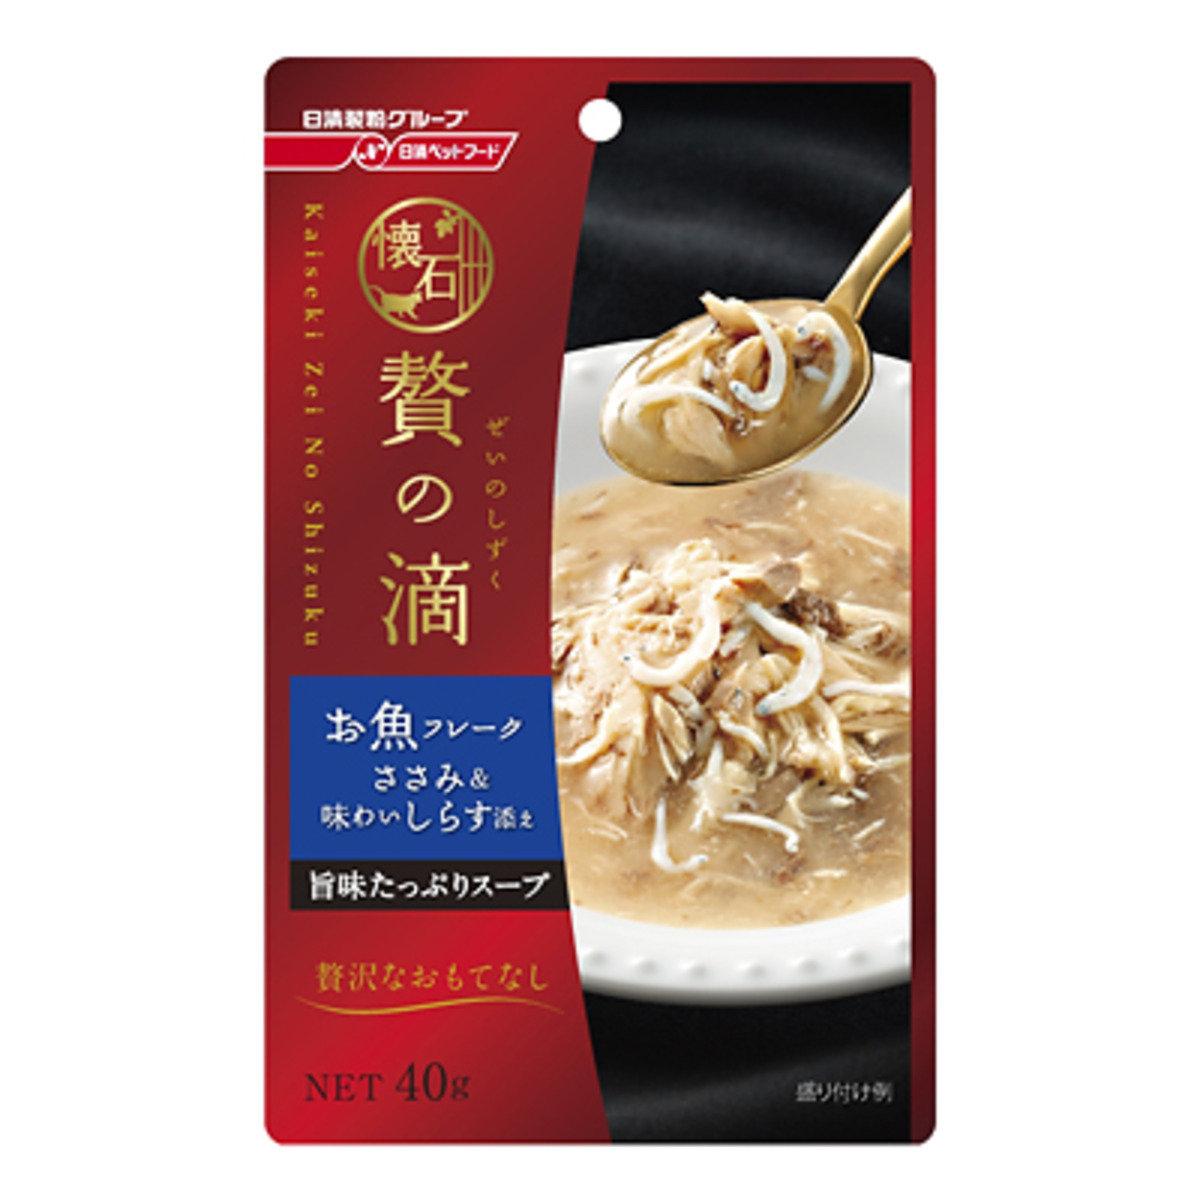 日清懷石之精華雞肉白飯魚湯包